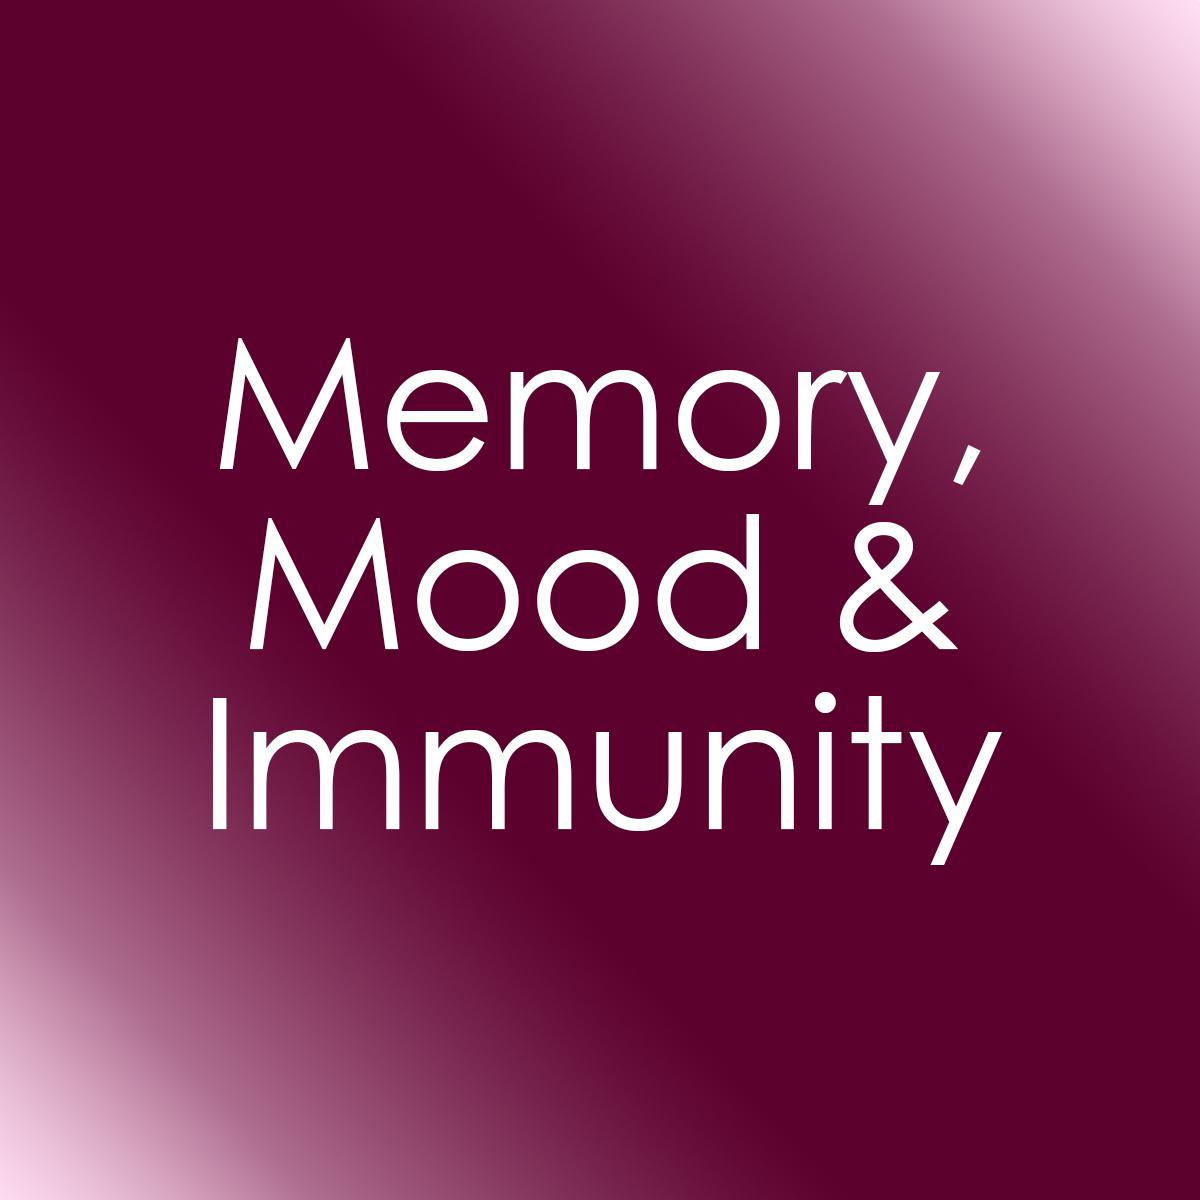 Mood, Mood & Immunity